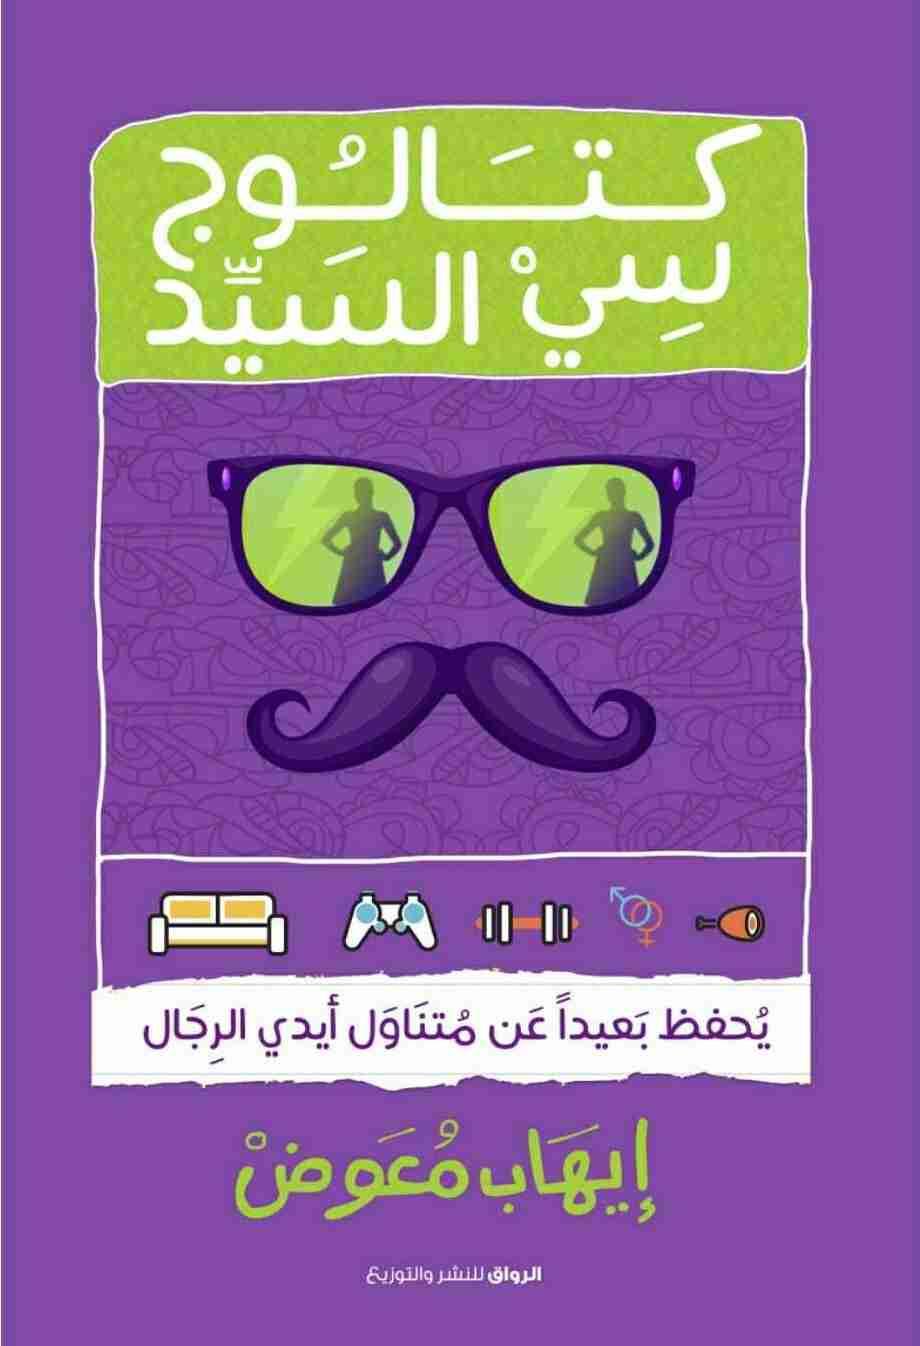 كتاب كتالوج سي السيد لـ إيهاب معوض